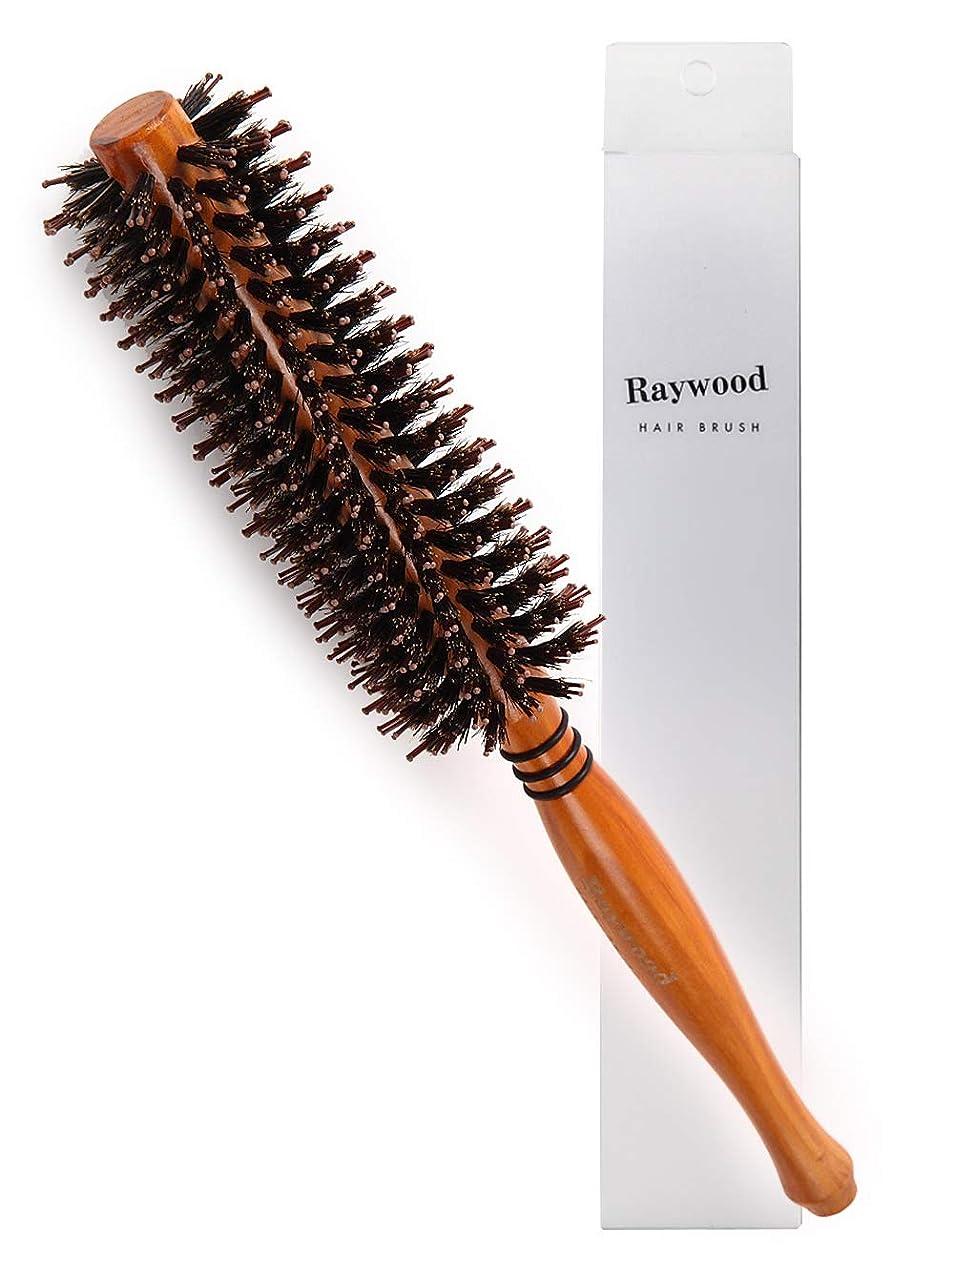 ランプ改革主張Raywood 天然ロールブラシ 豚毛 耐熱仕様 ブロー カール 巻き髪 ヘア ブラシ ロール (S)